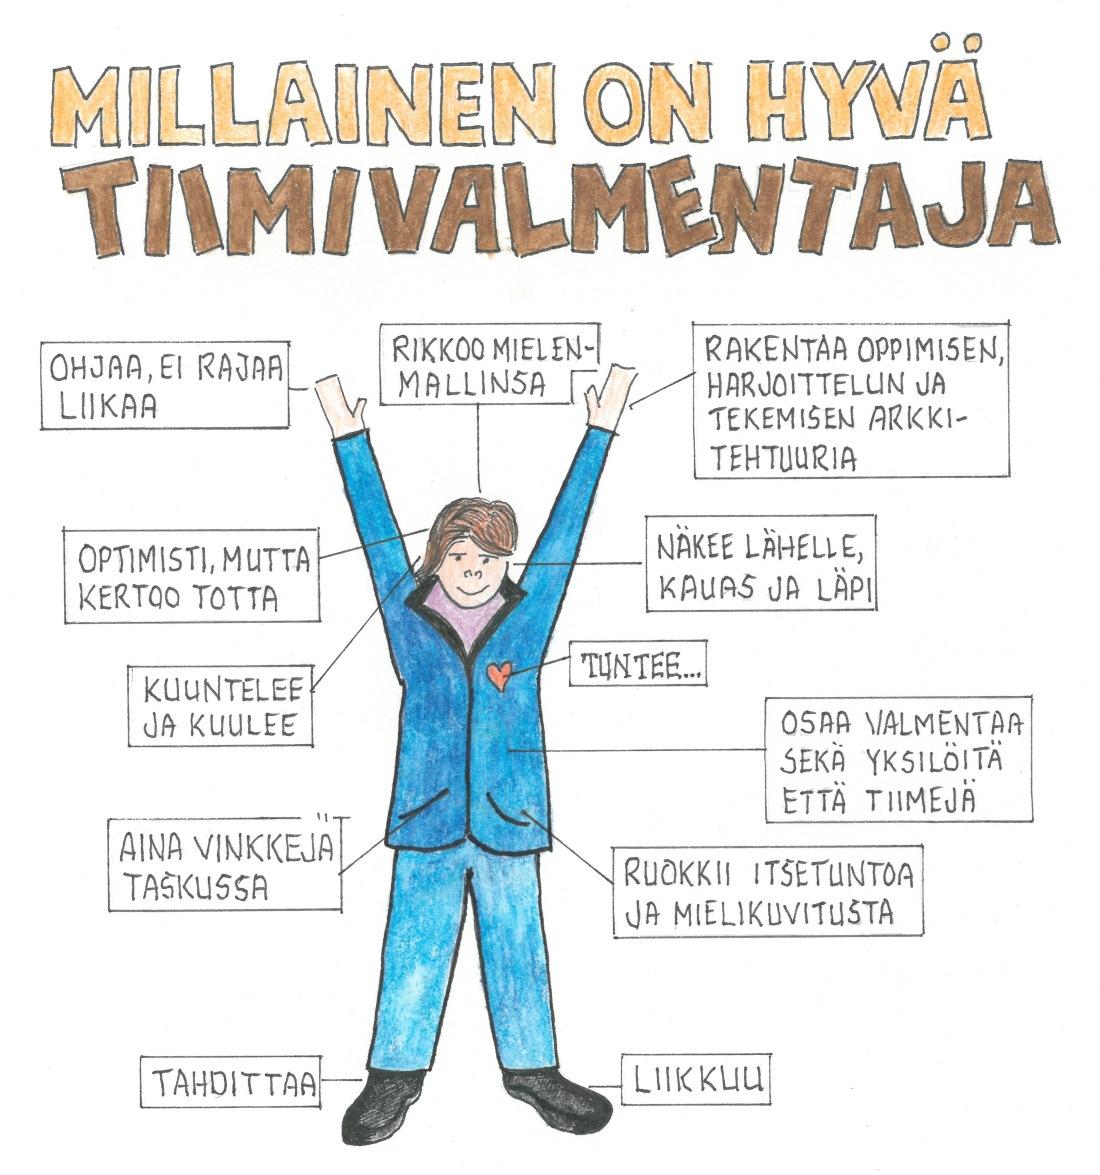 hyva_tiimivalmentaja